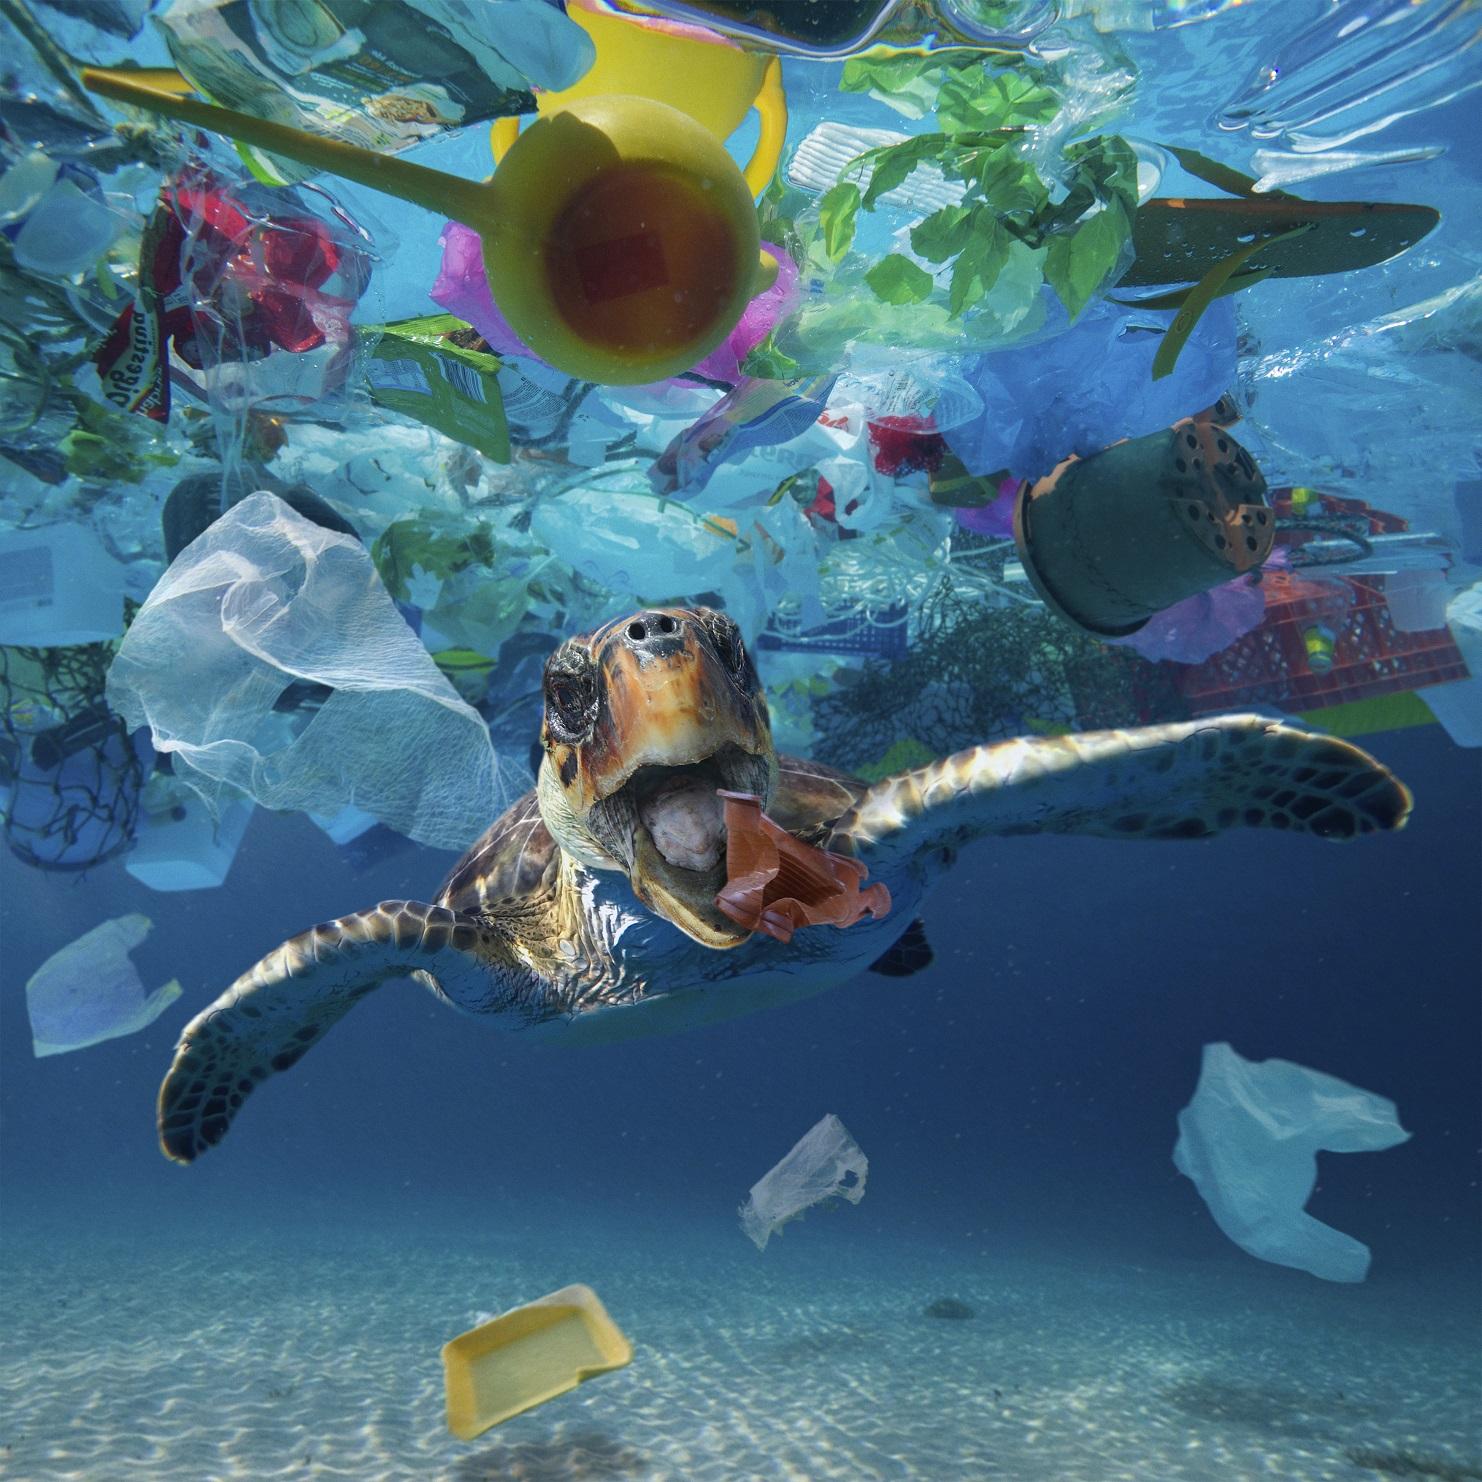 Estudos calculam em 2,5 milhões de dólares o prejuízo anual causado pelas 8 milhões de toneladas de plástico despejadas nos oceanos por ano. Foto Paulo Oliveira/Biosphoto